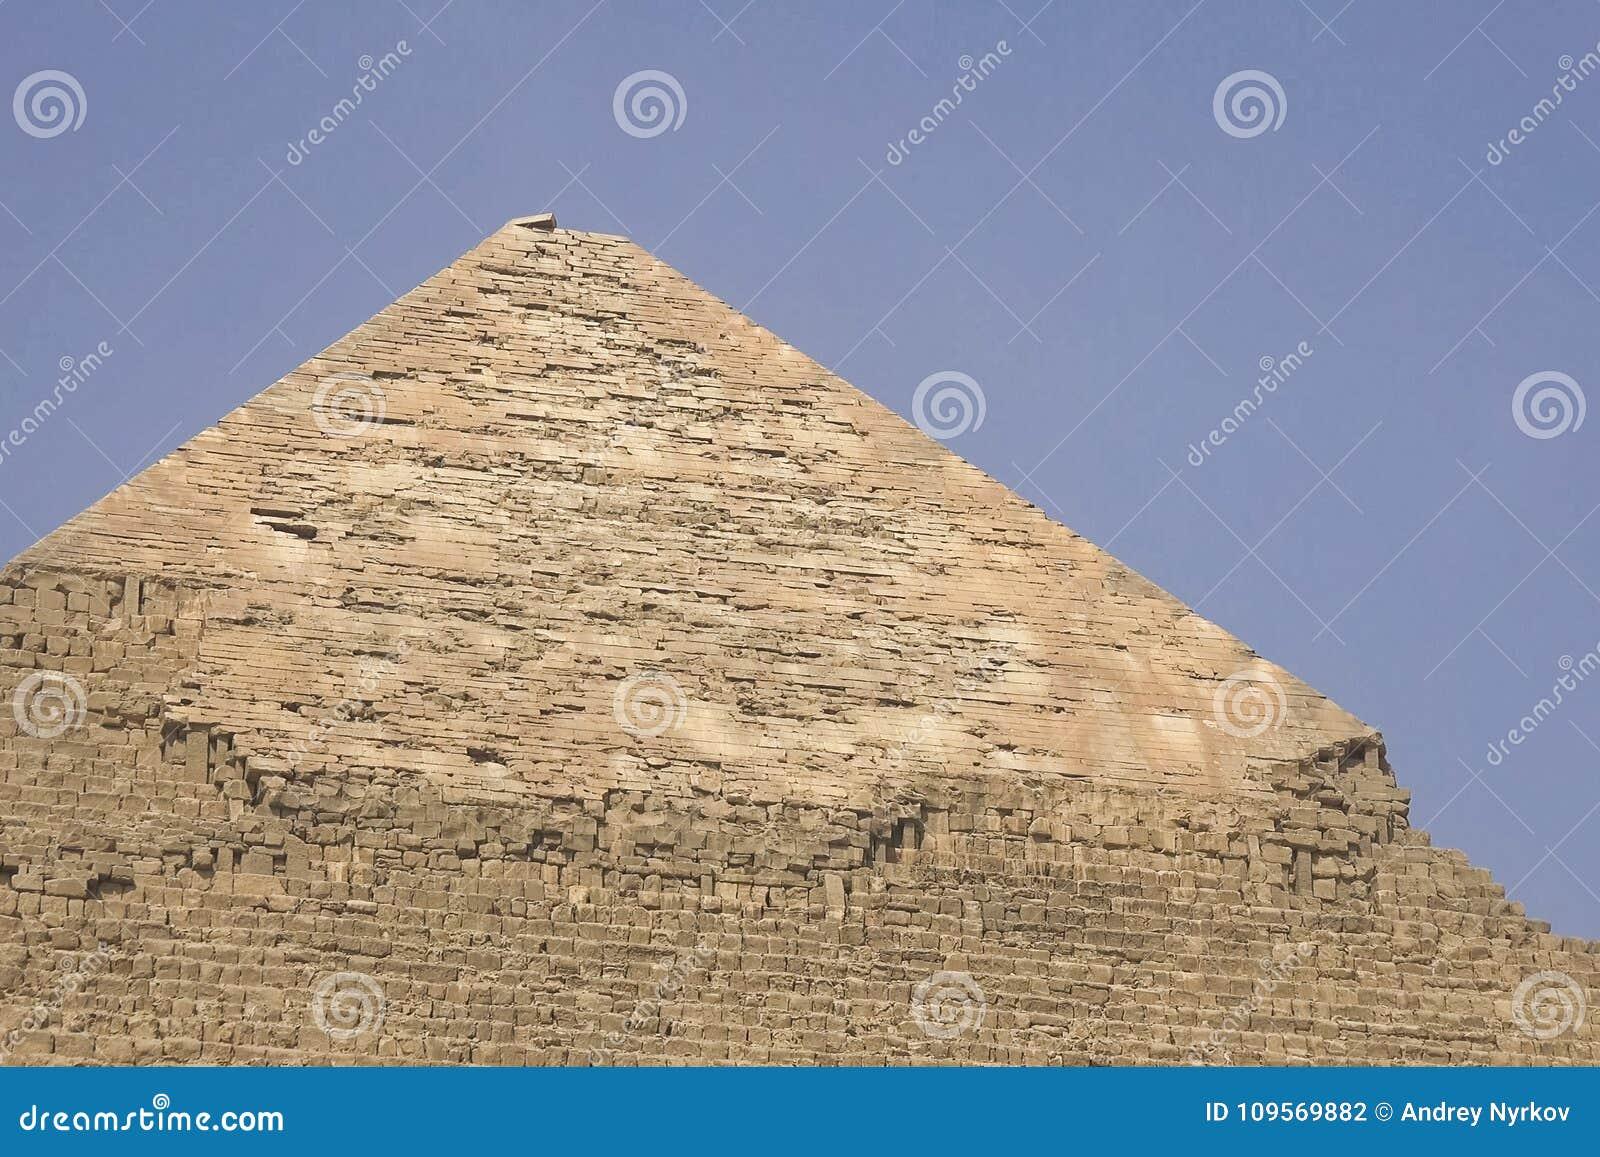 Pirâmides de Giza Grandes pirâmides de Egipto A sétima maravilha do mundo Megálitos antigos